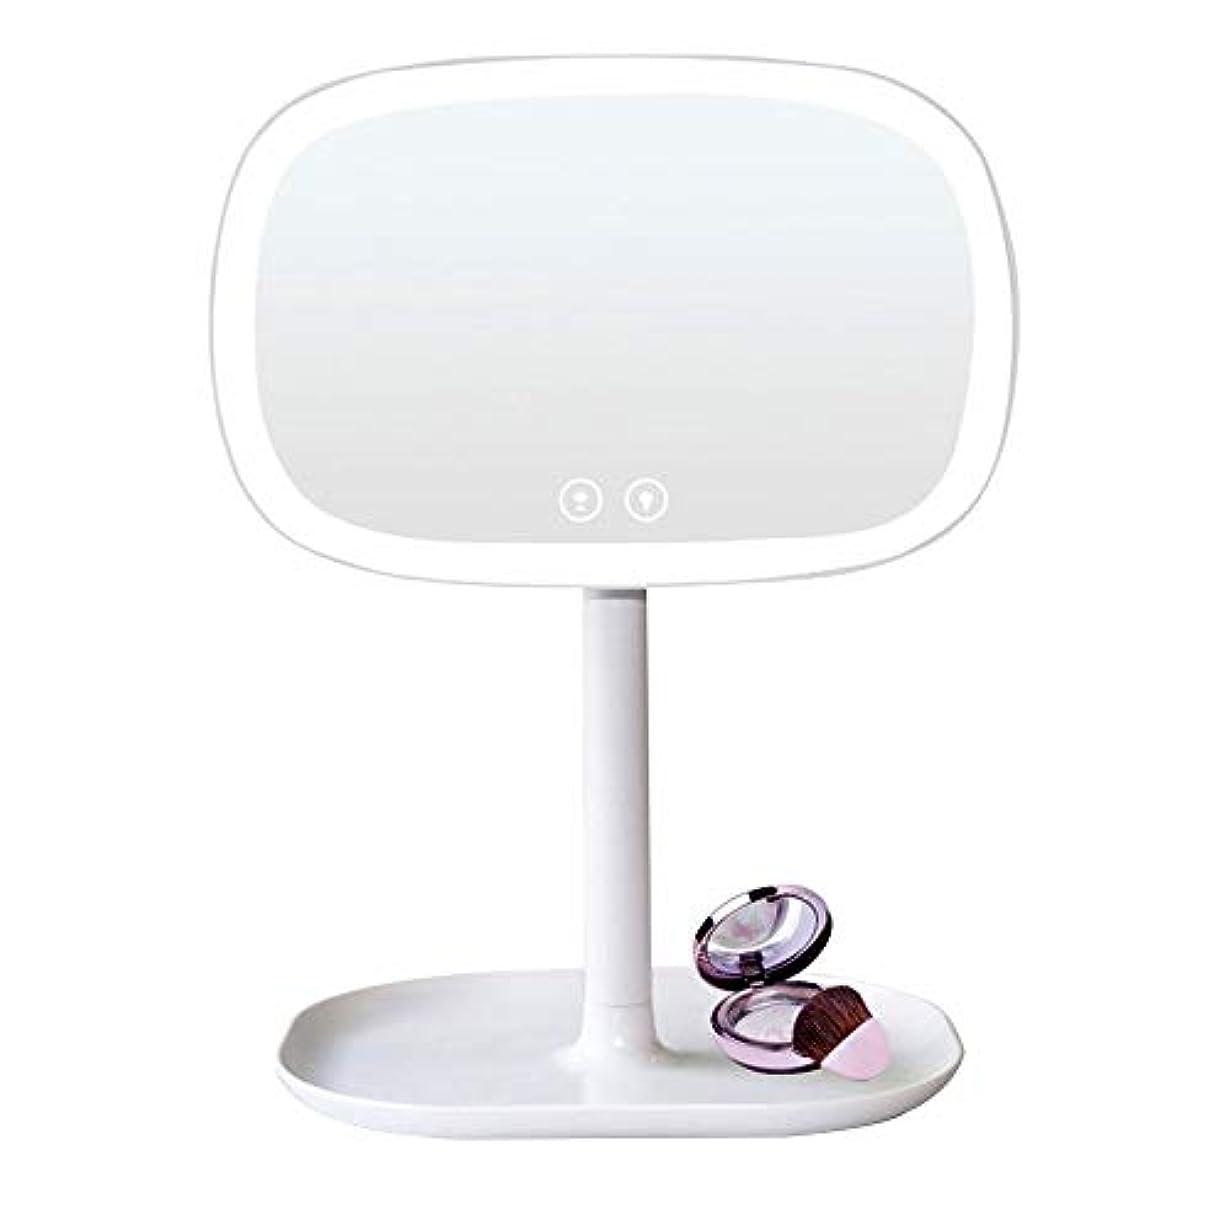 ストライプ名誉矢充電式 化粧鏡 10倍拡大鏡充電式タッチコントロール360度スイベルデスクトップバニティミラーLED表ナイトライトカウンター照明付き化粧化粧鏡 寒暖色調節可能 化粧鏡 (色 : 白, サイズ : ワンサイズ)